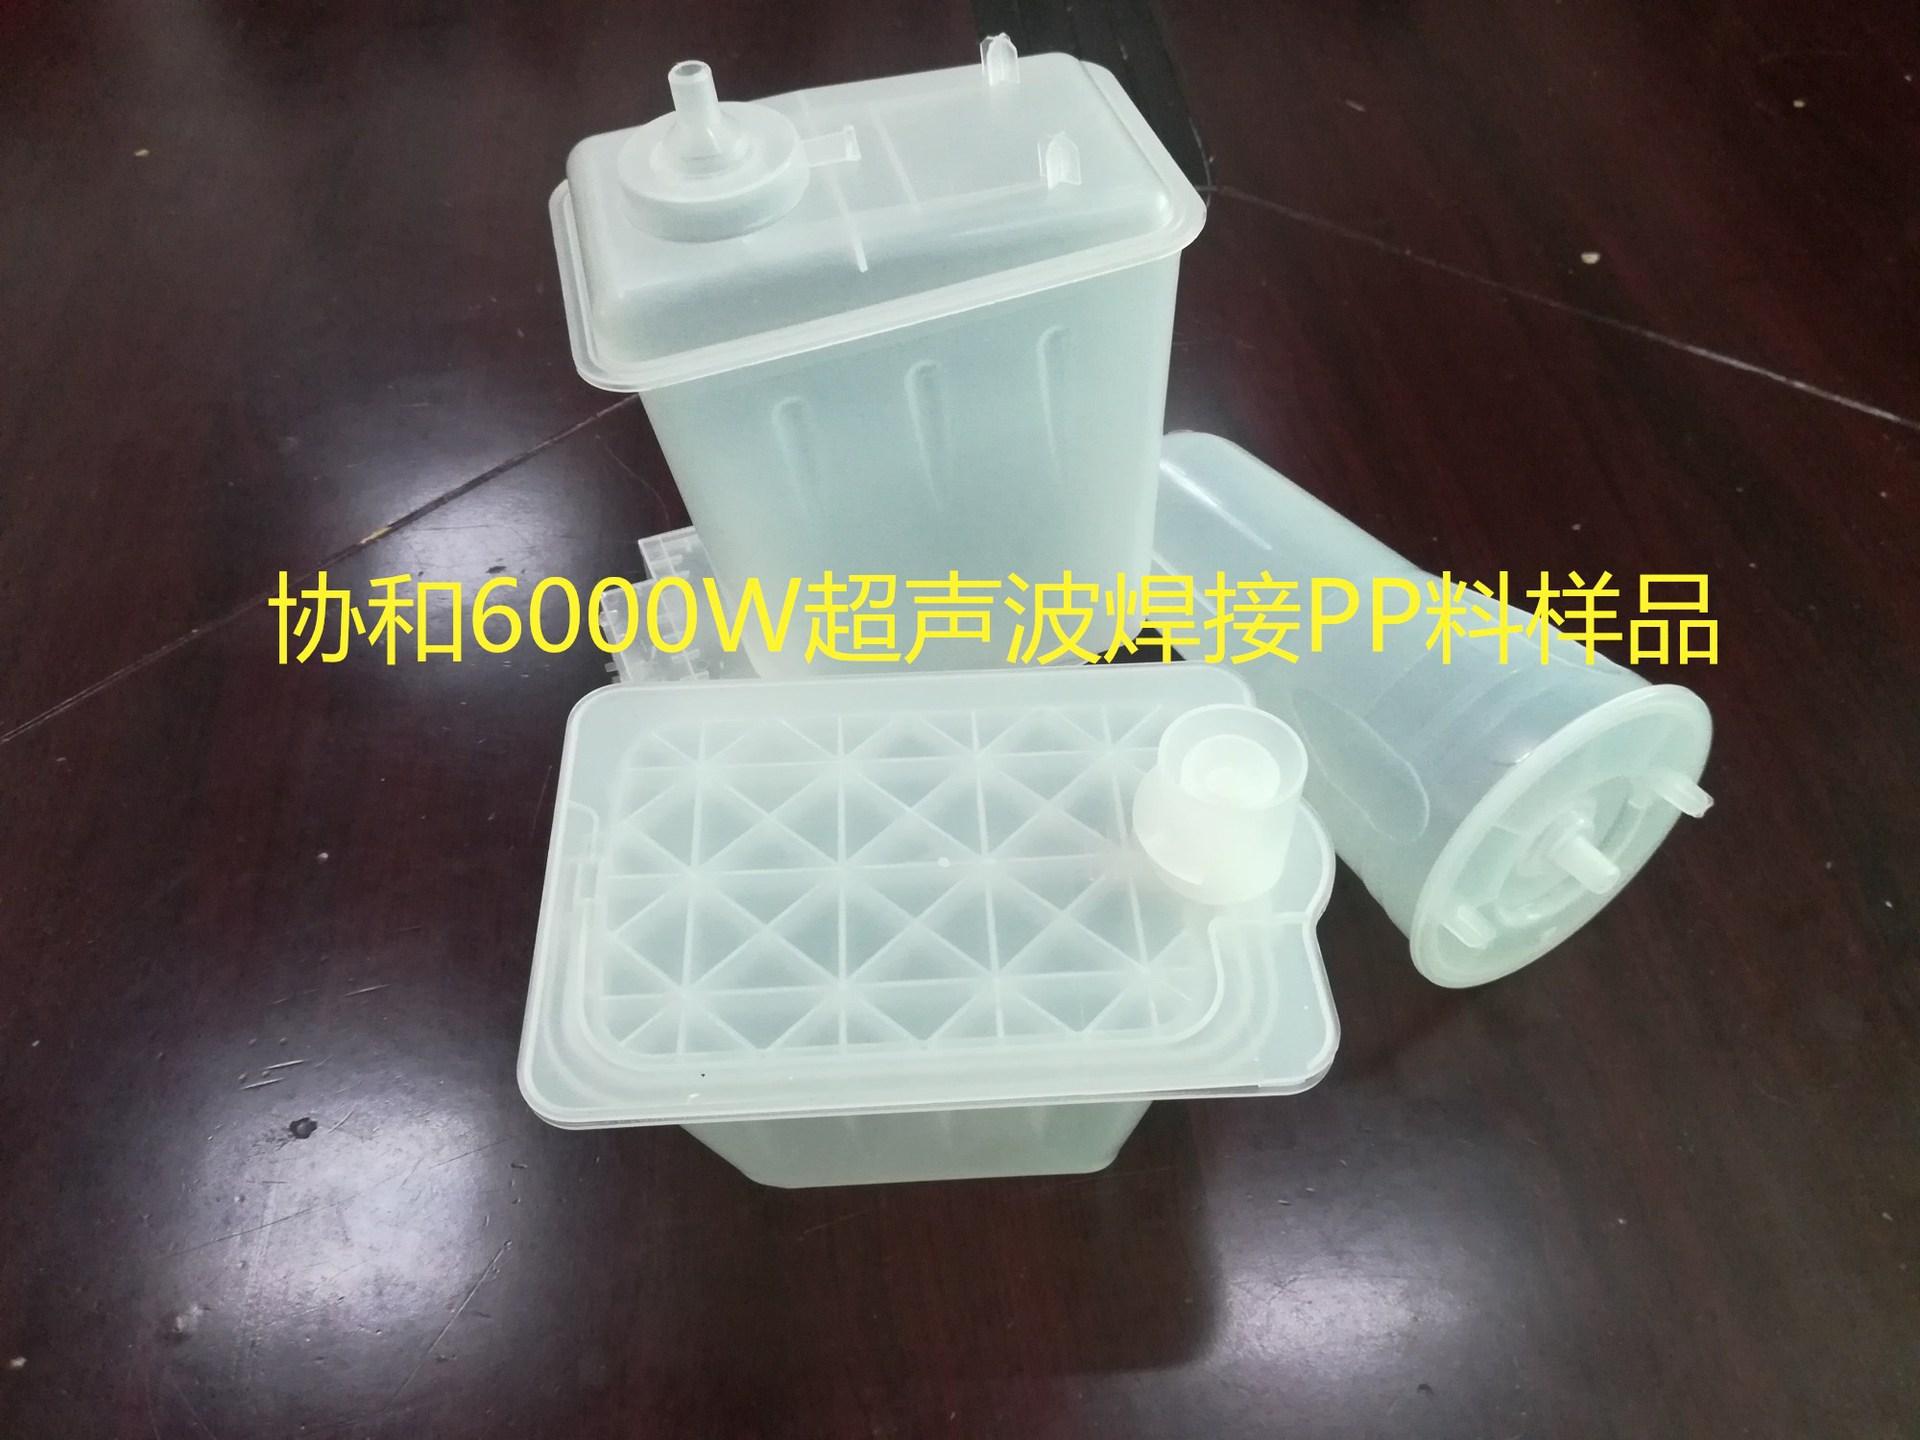 6千W超声波熔接机 东莞协和生产厂家 大型台式塑胶焊接超声波机示例图6